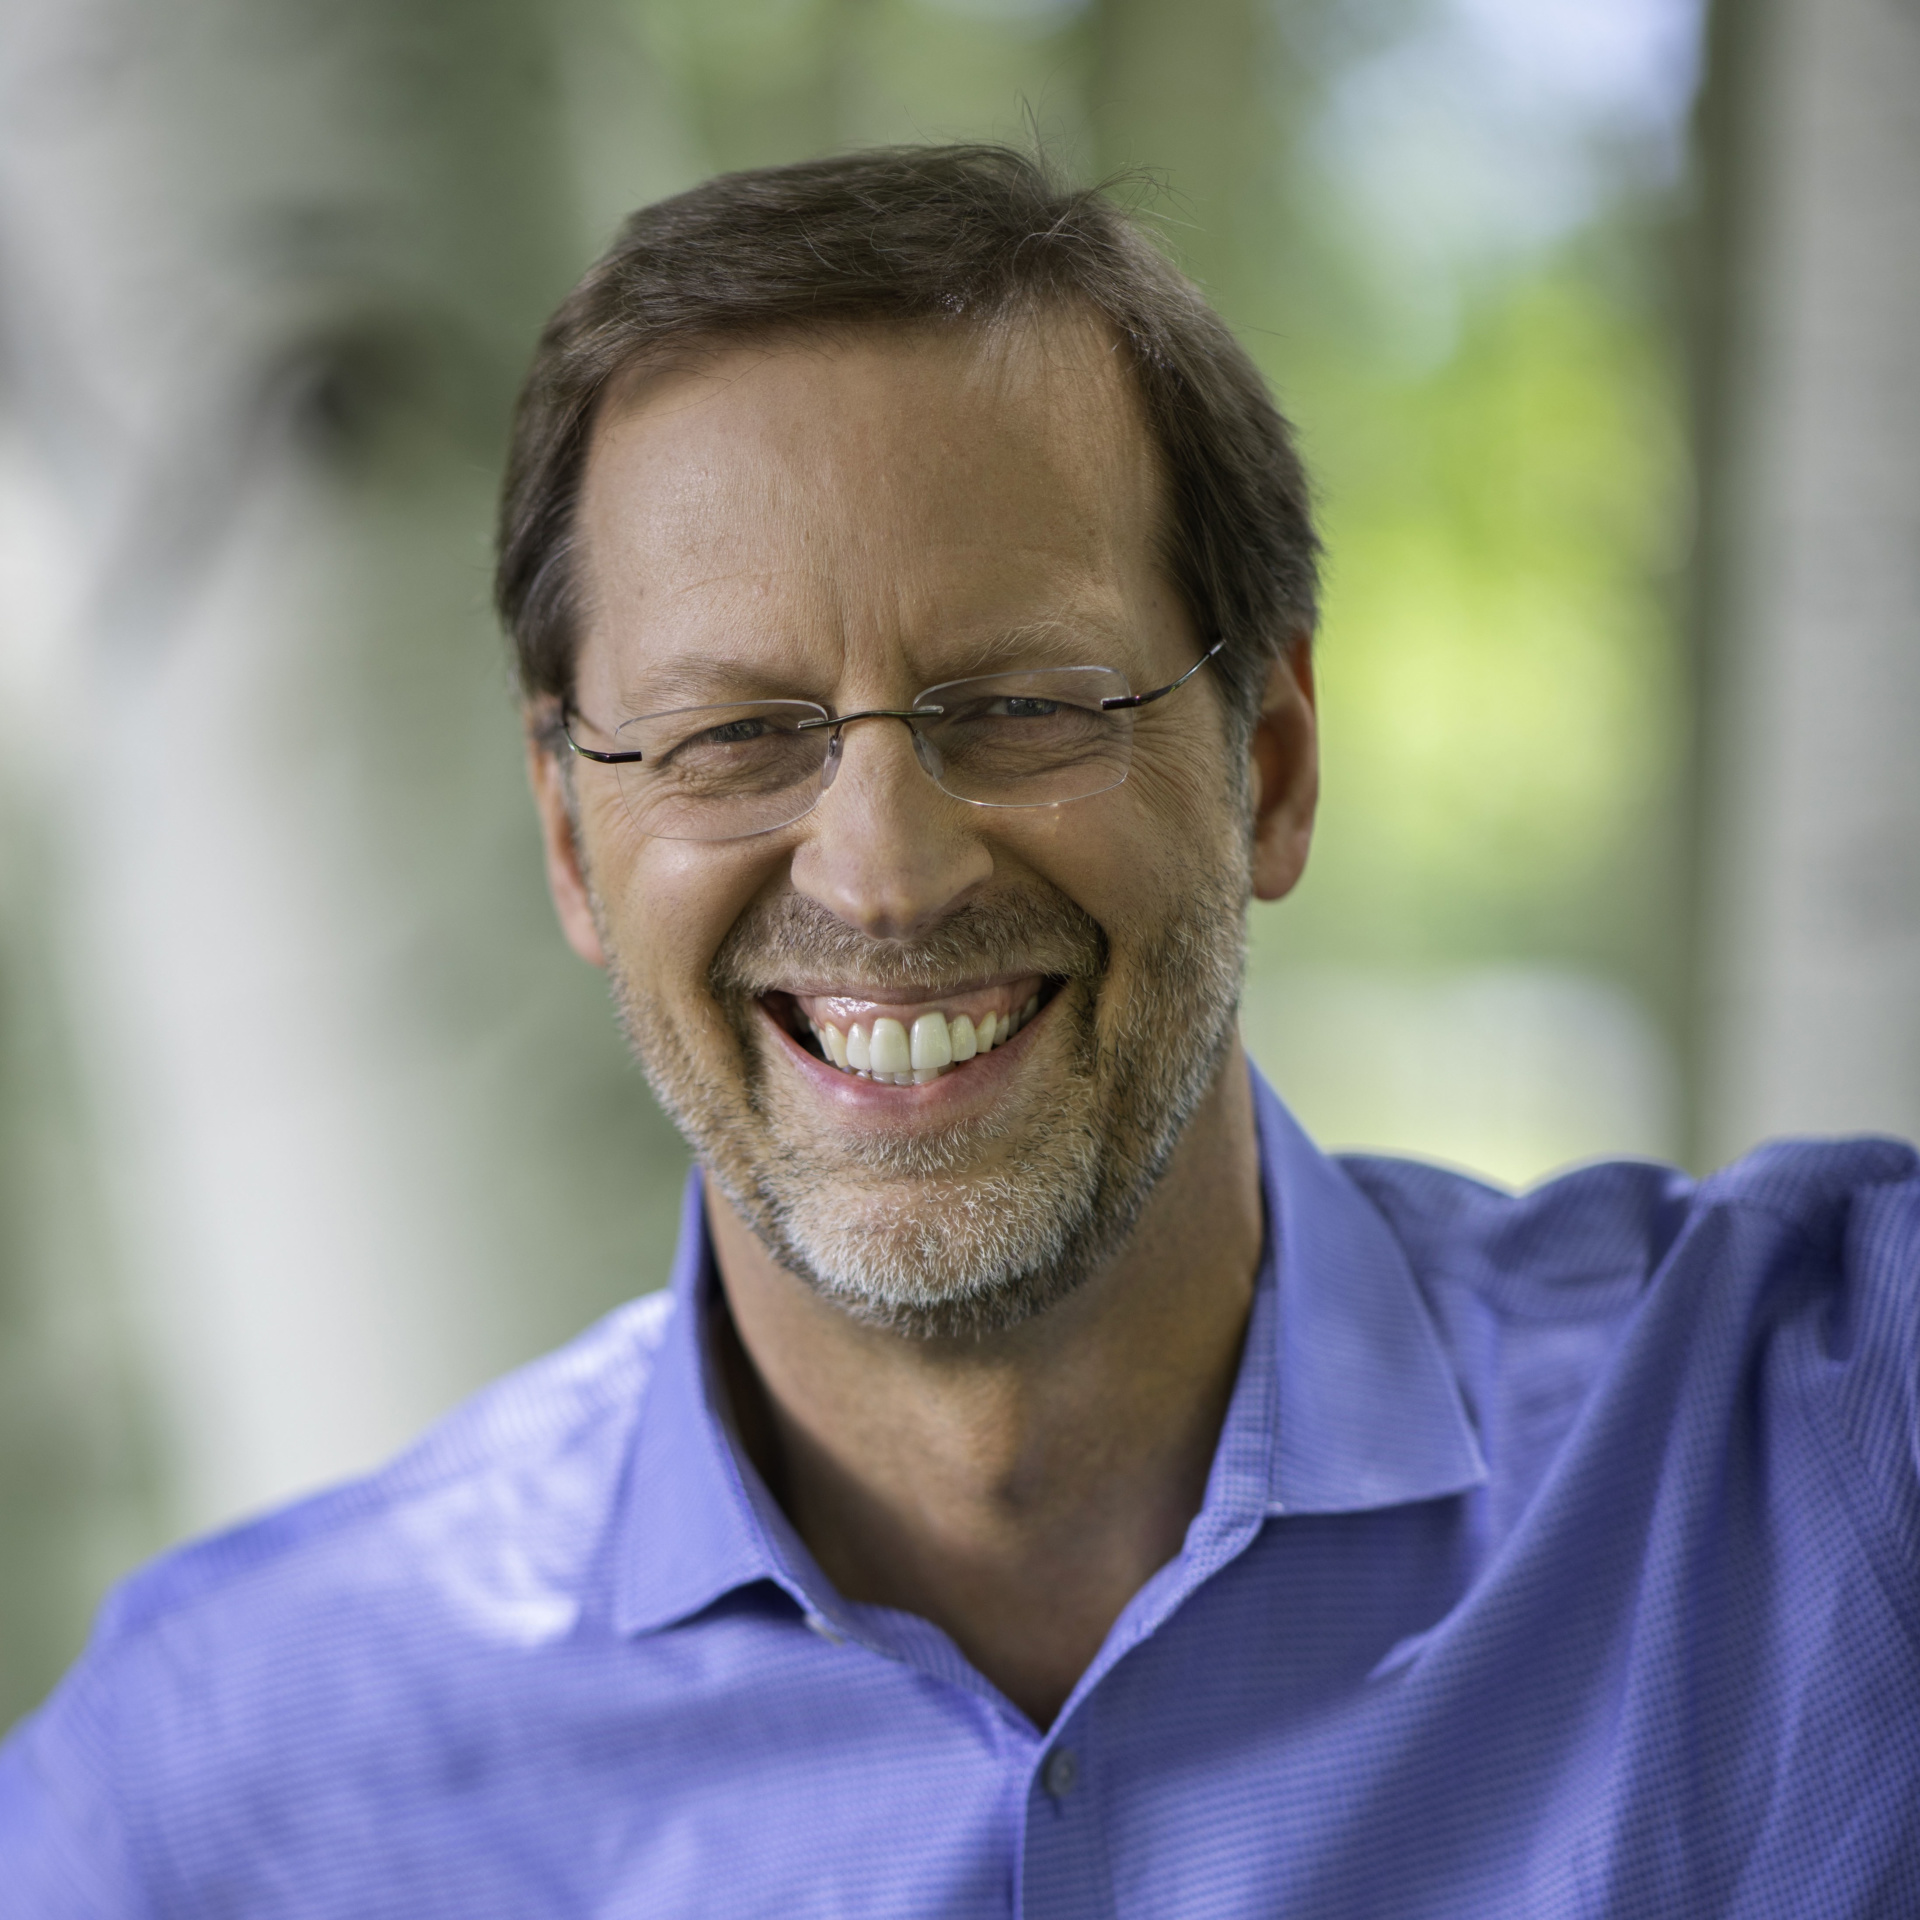 Daniel R. Porterfield